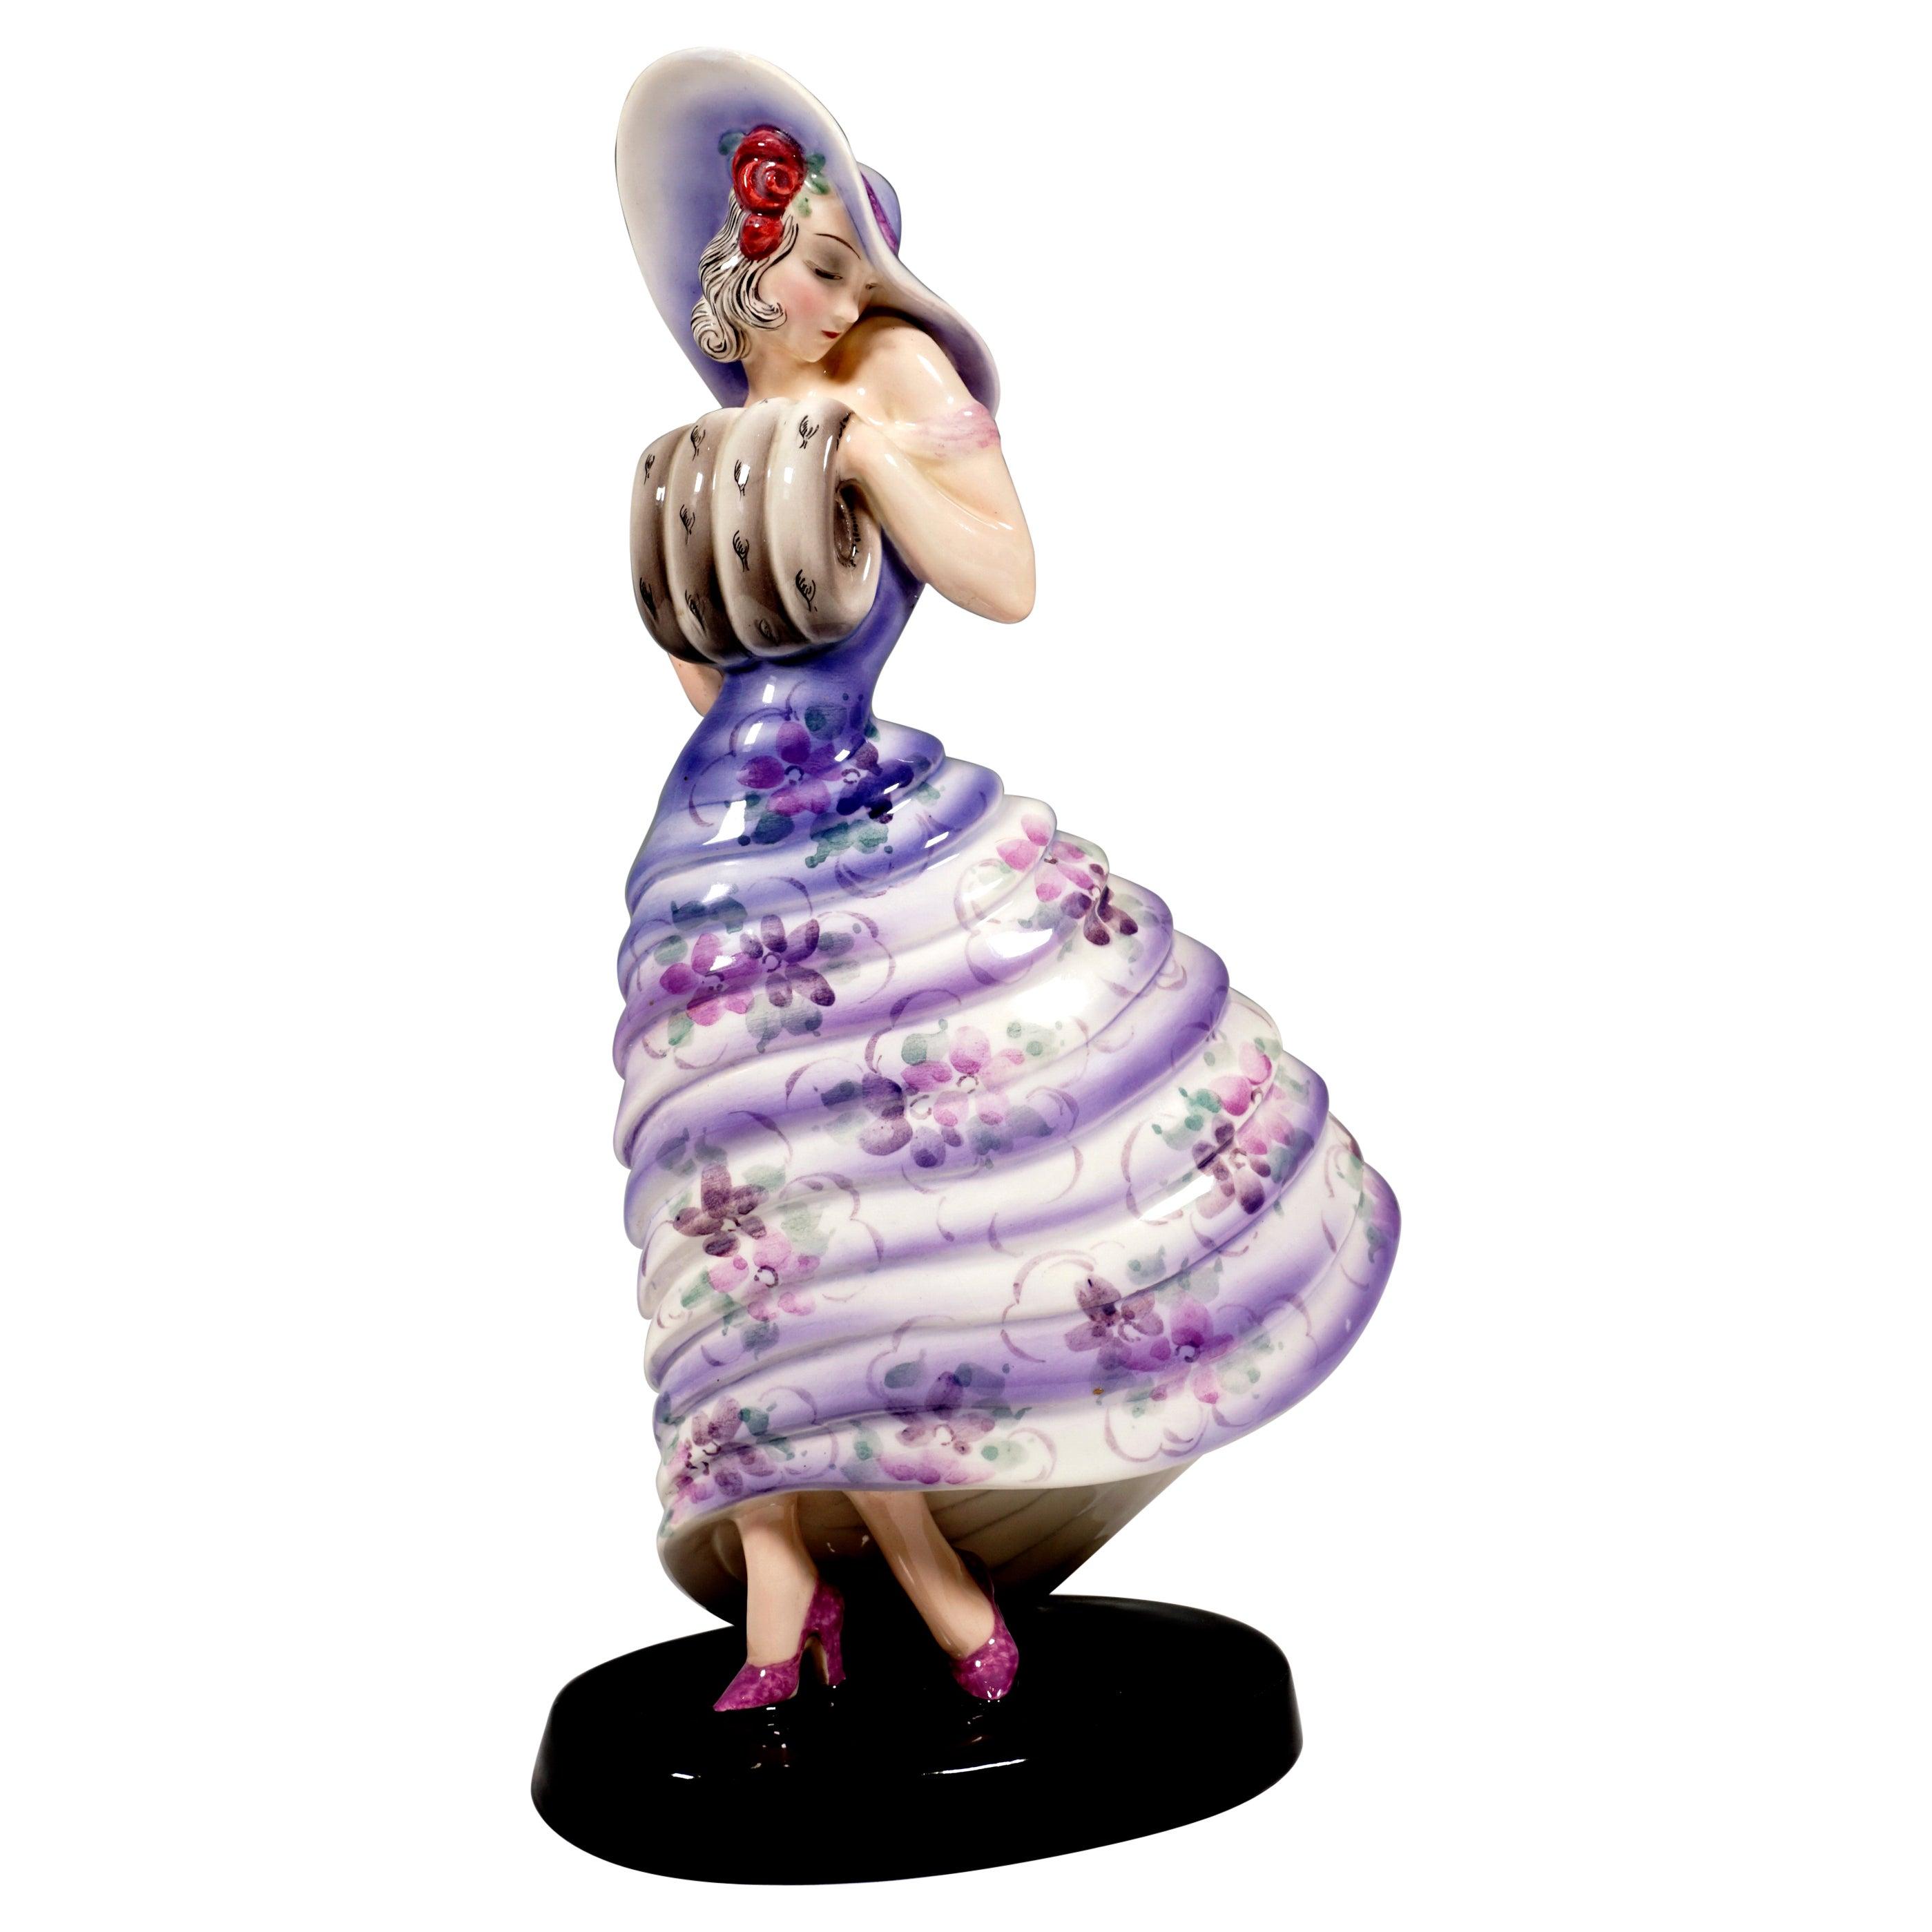 Goldscheider Vienna Figurine, Elegant Lady with a Muff by Claire Weiss, ca 1932